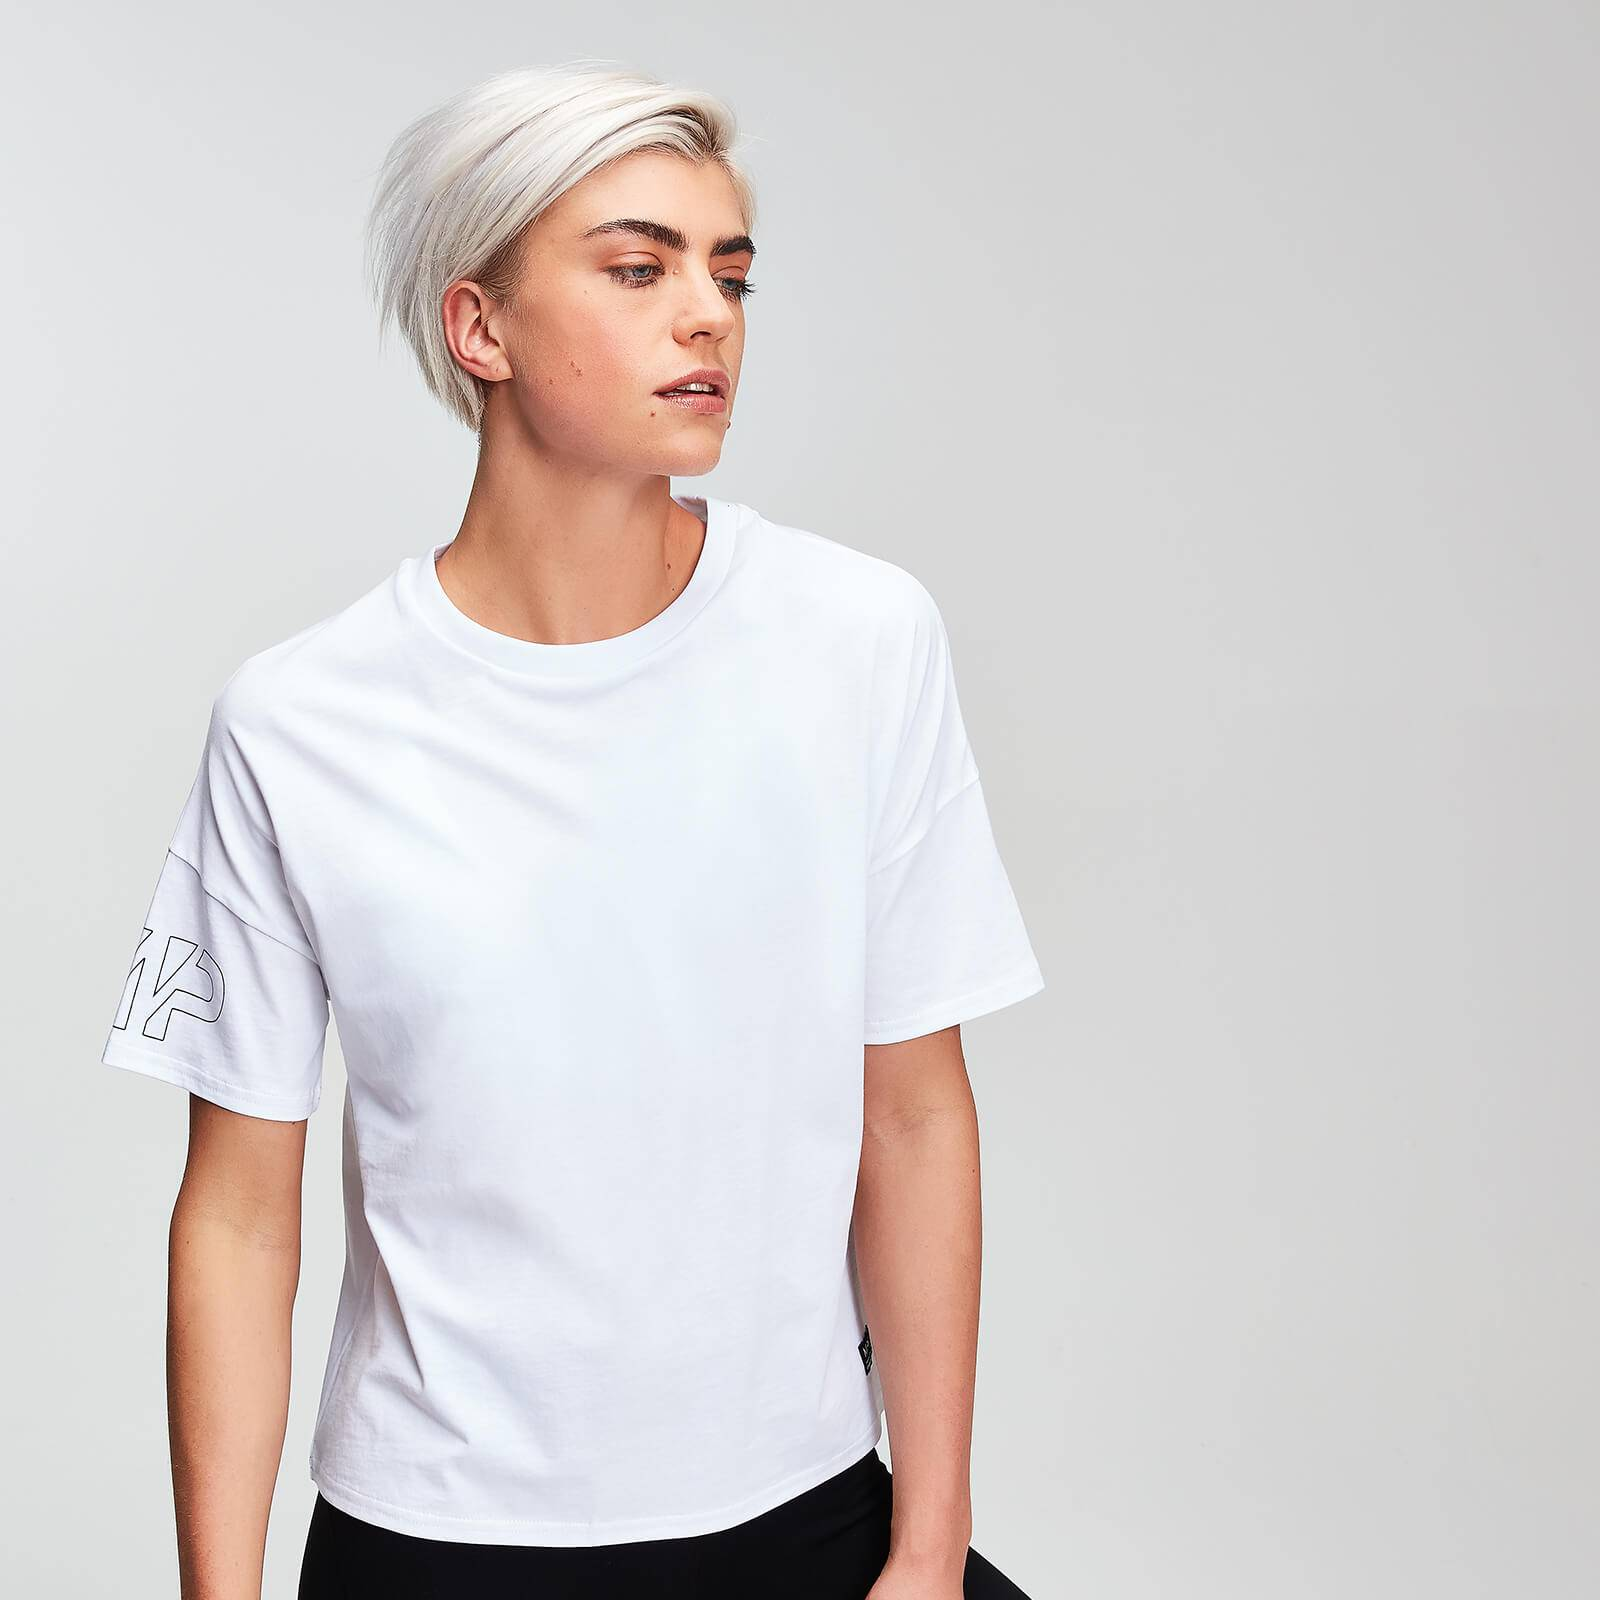 Myprotein MP Power Women's T-Shirt - White - S